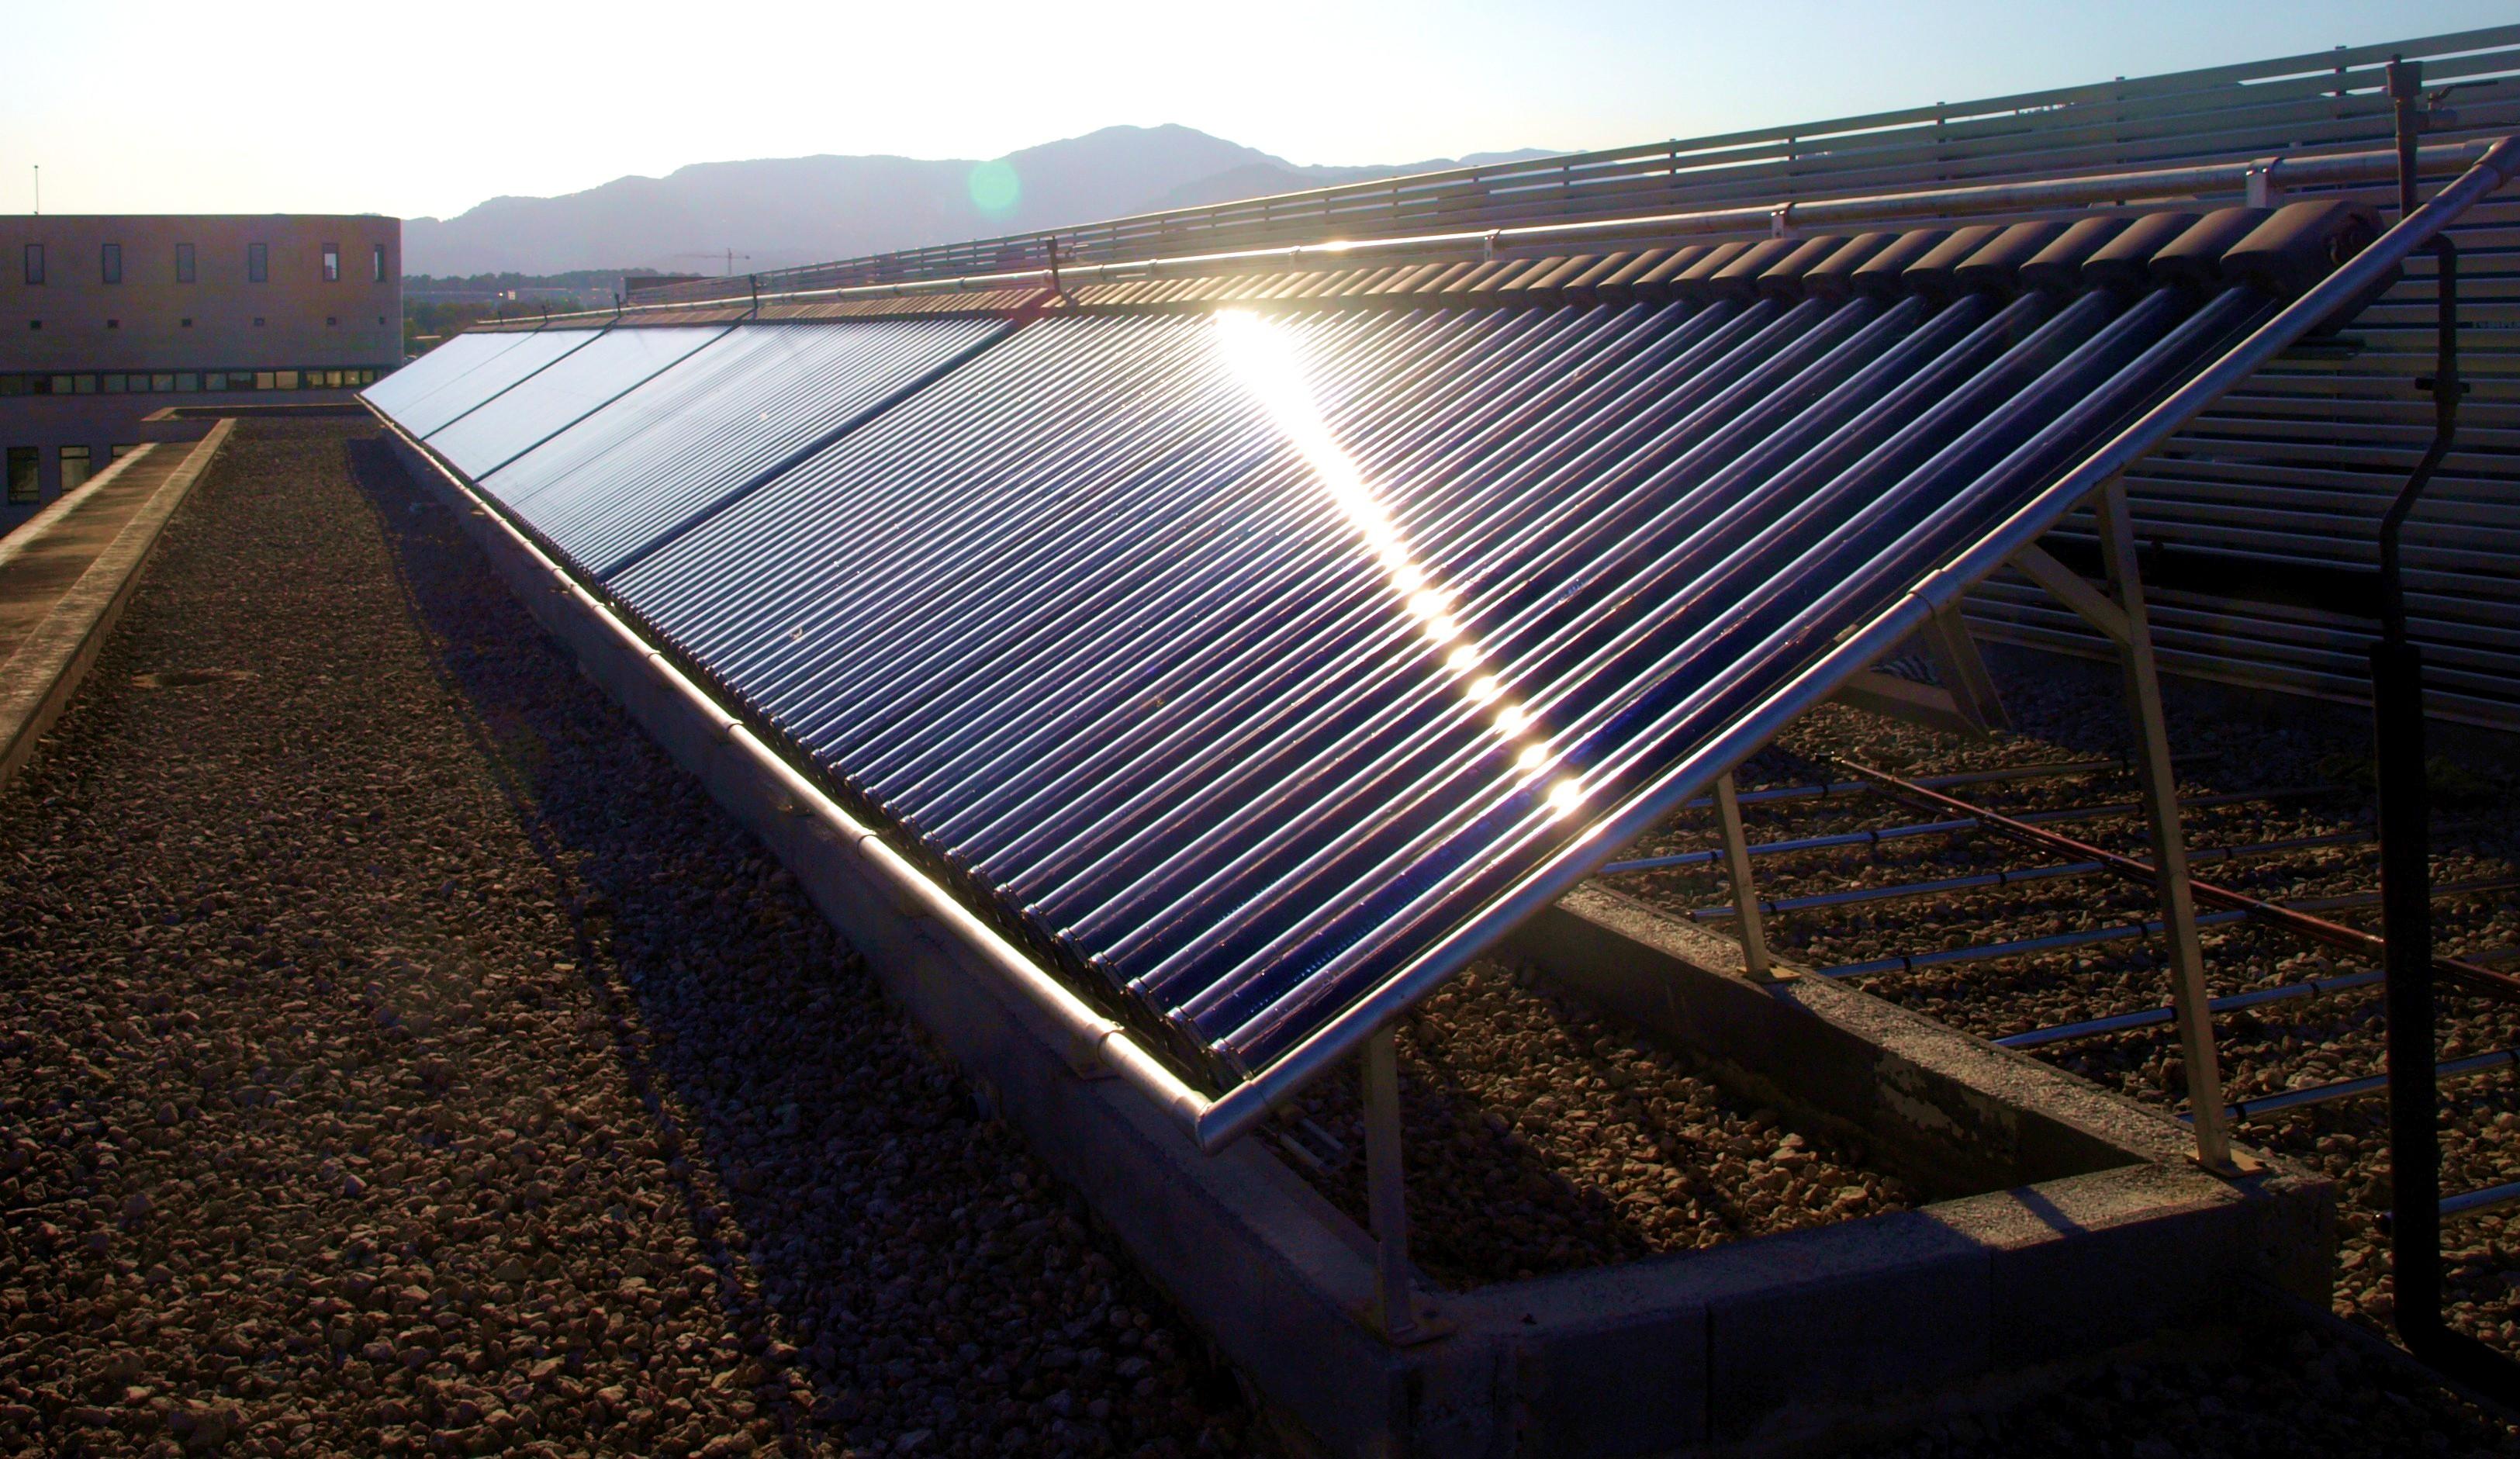 Toulouse premier r seau de chaleur nergie solaire en france dhcnews - Energie solaire en france ...